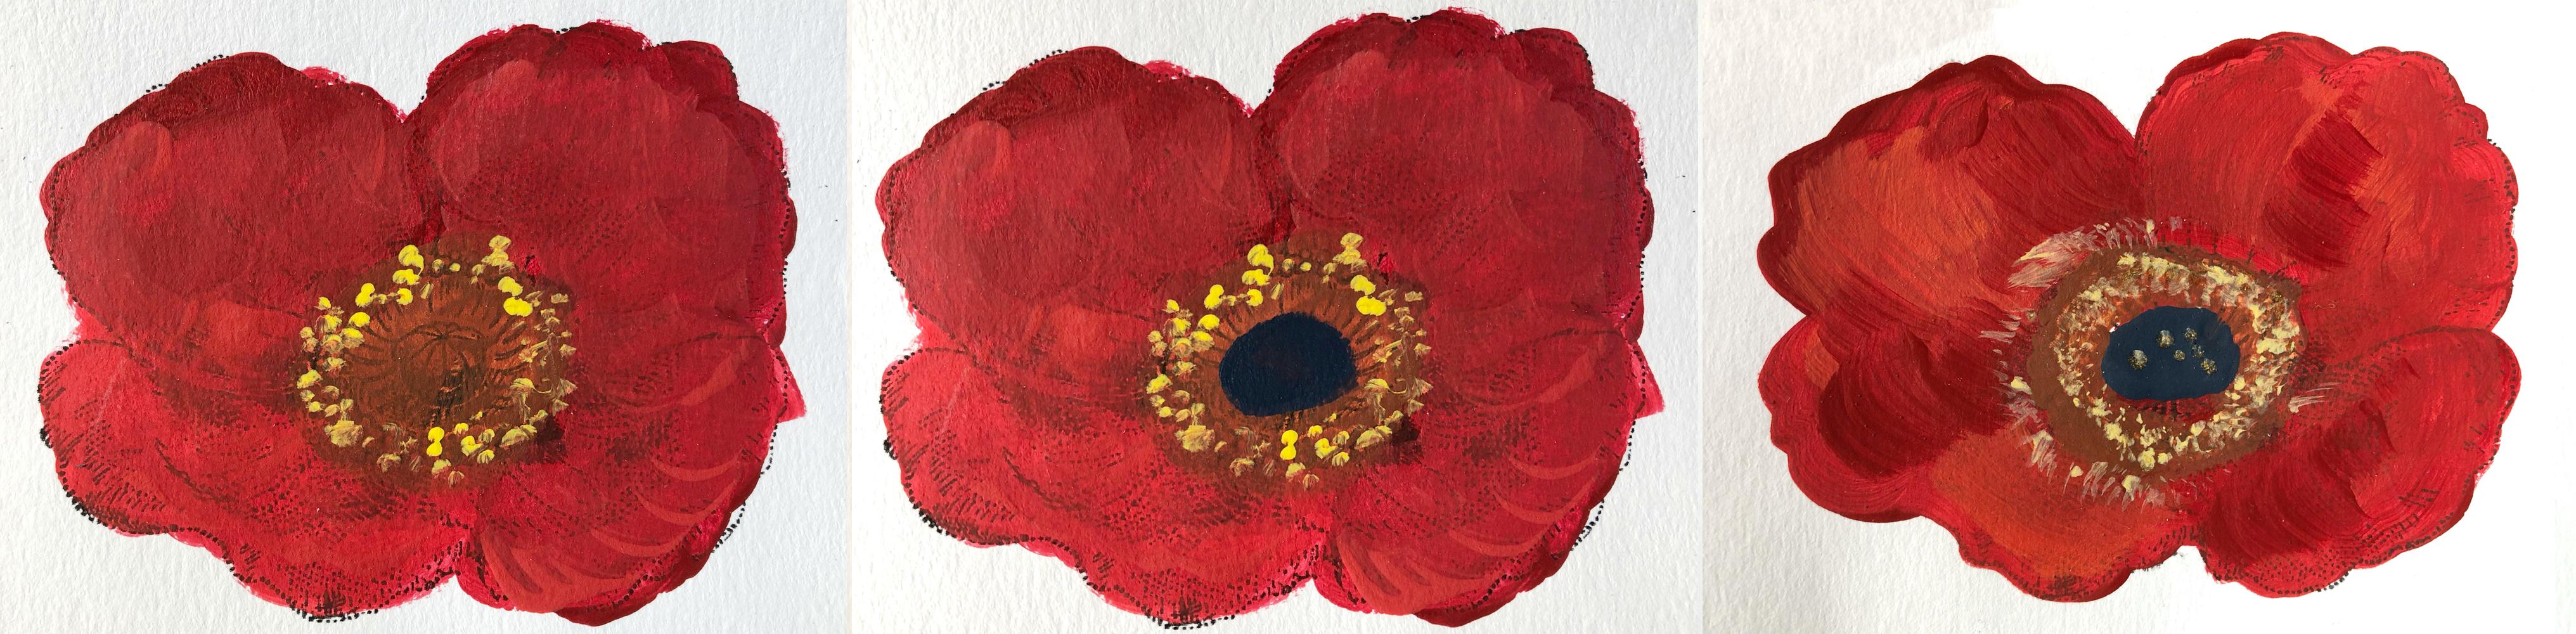 red poppy4-6